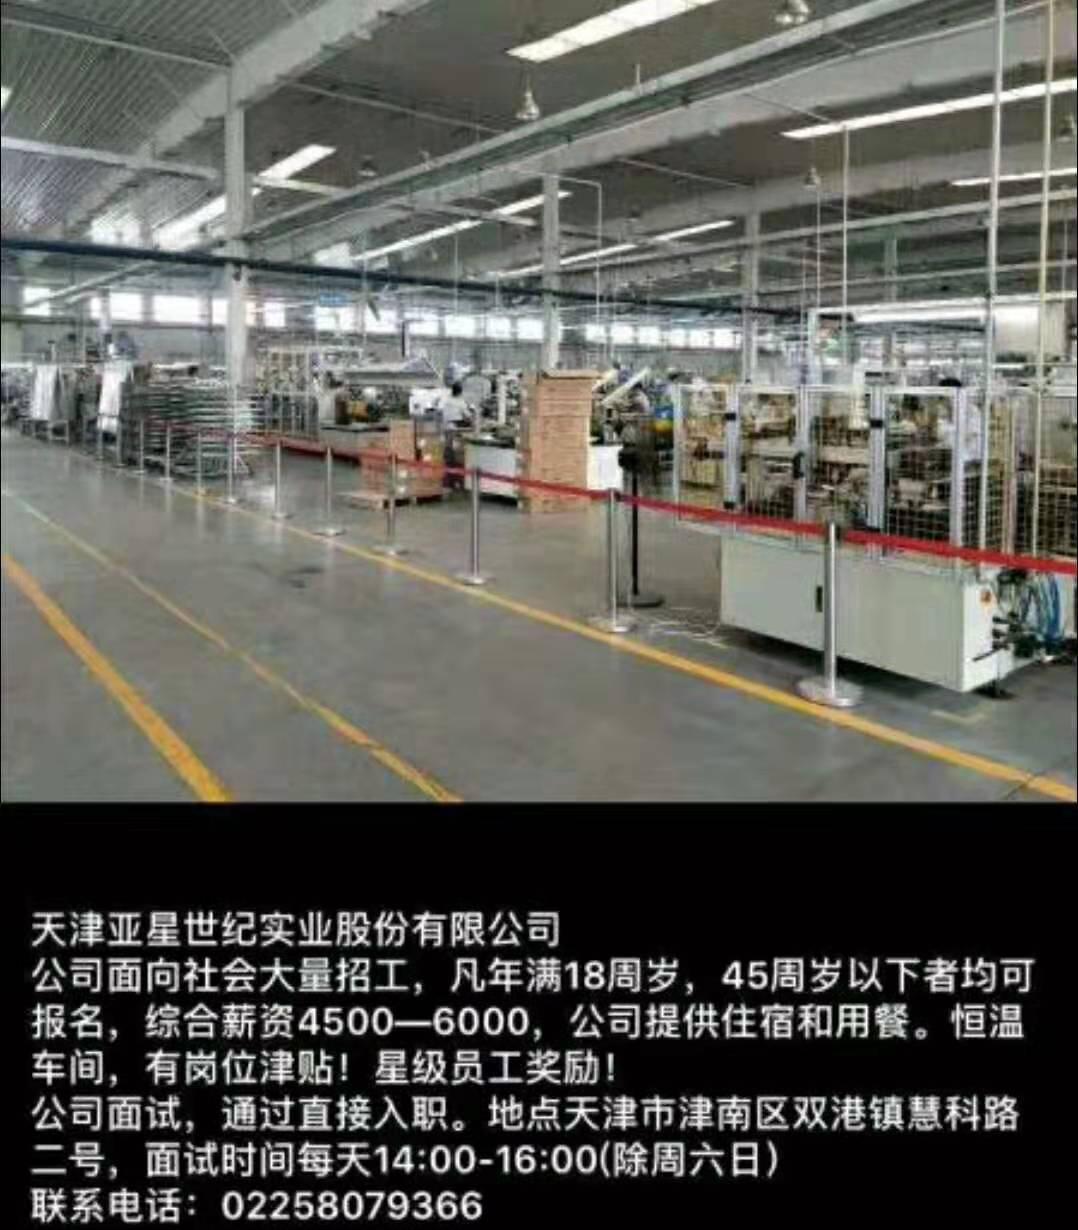 天津亚星世纪实业股份有限公司